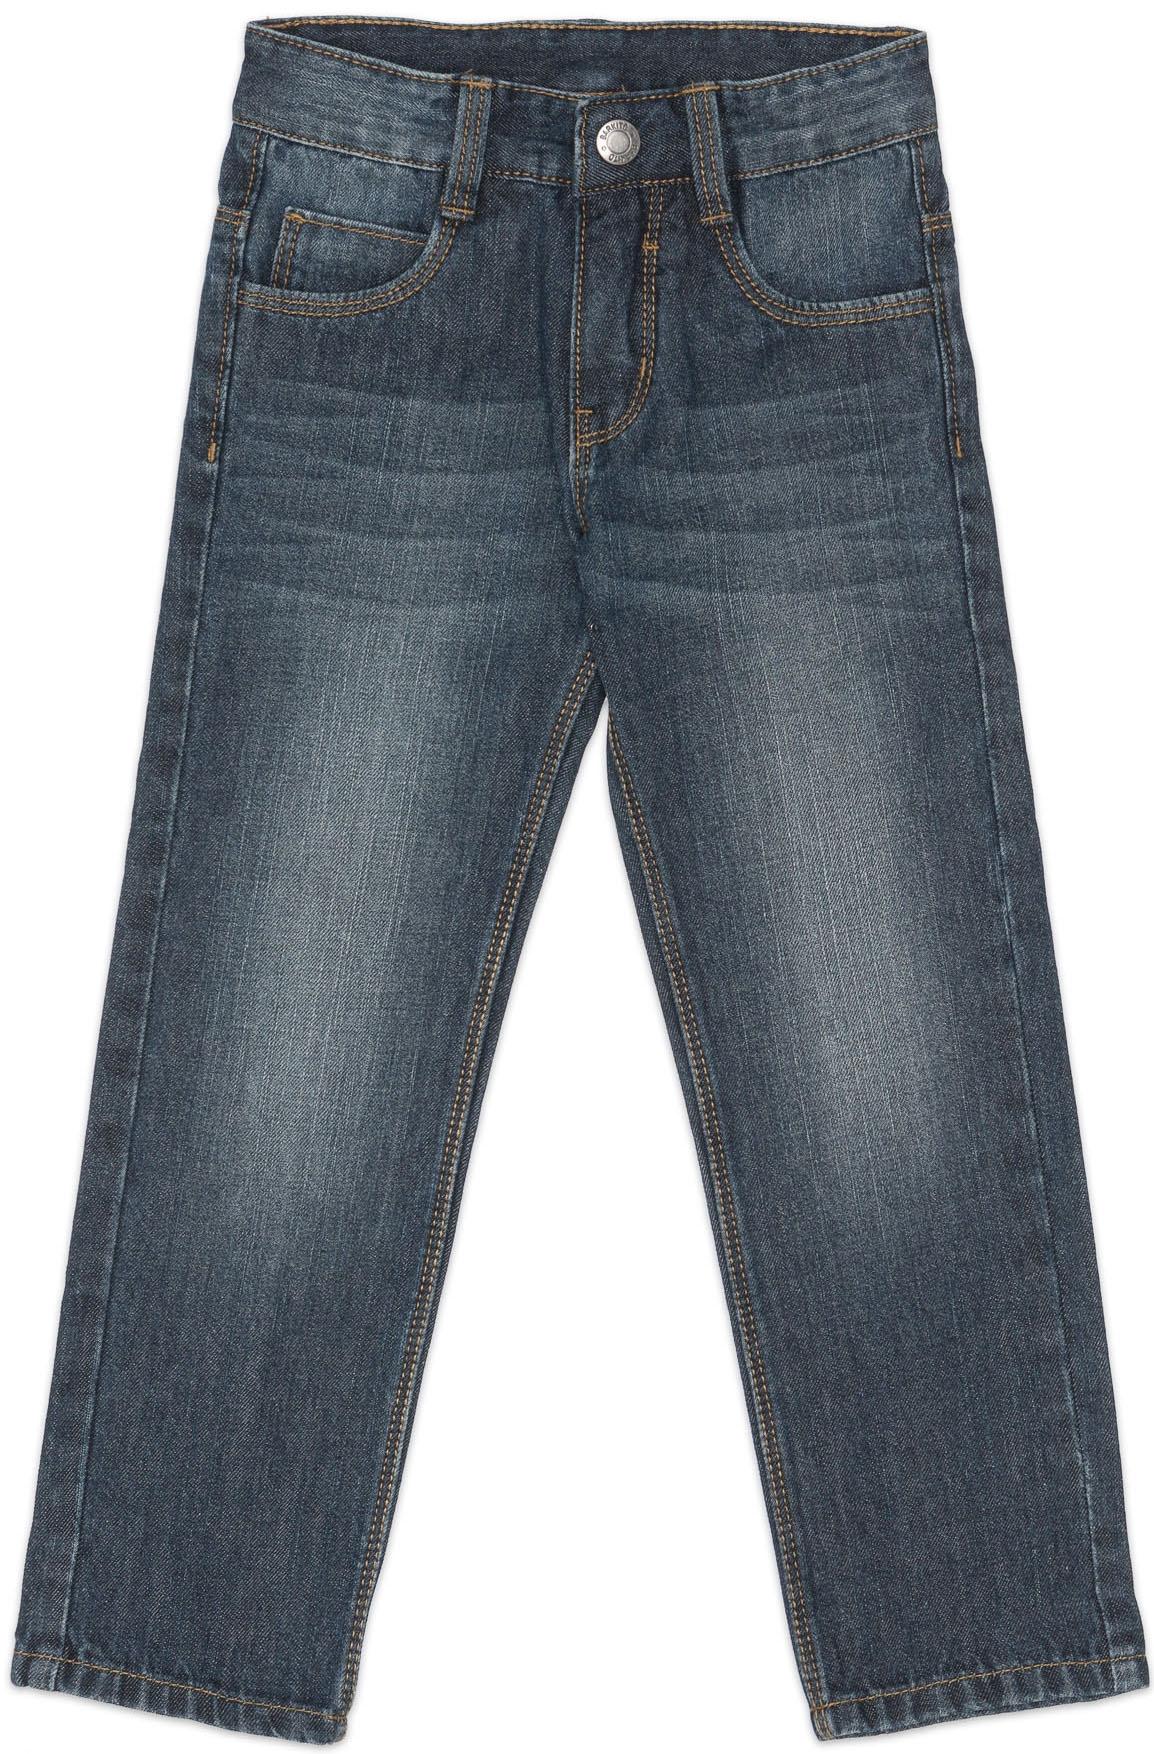 Джинсы Barkito Джинсы для мальчика Barkito, Регата, синие billionaire синие потертые джинсы